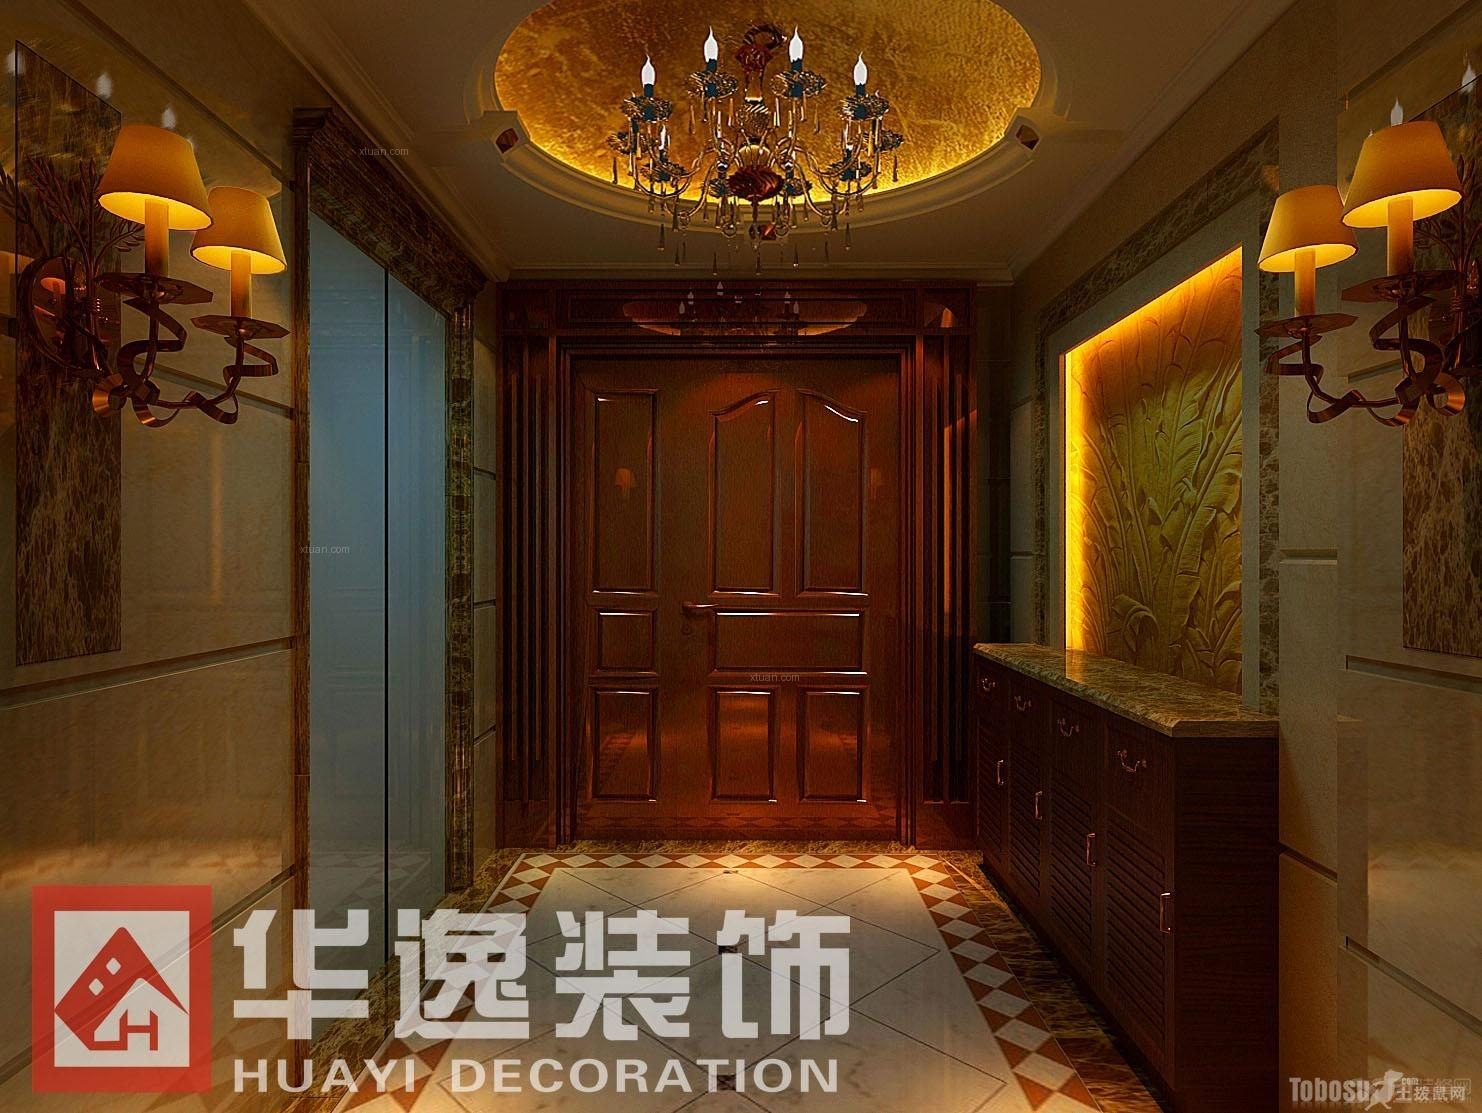 【珑湖湾】复式住宅8室4厅4卫欧式装修案例效果图